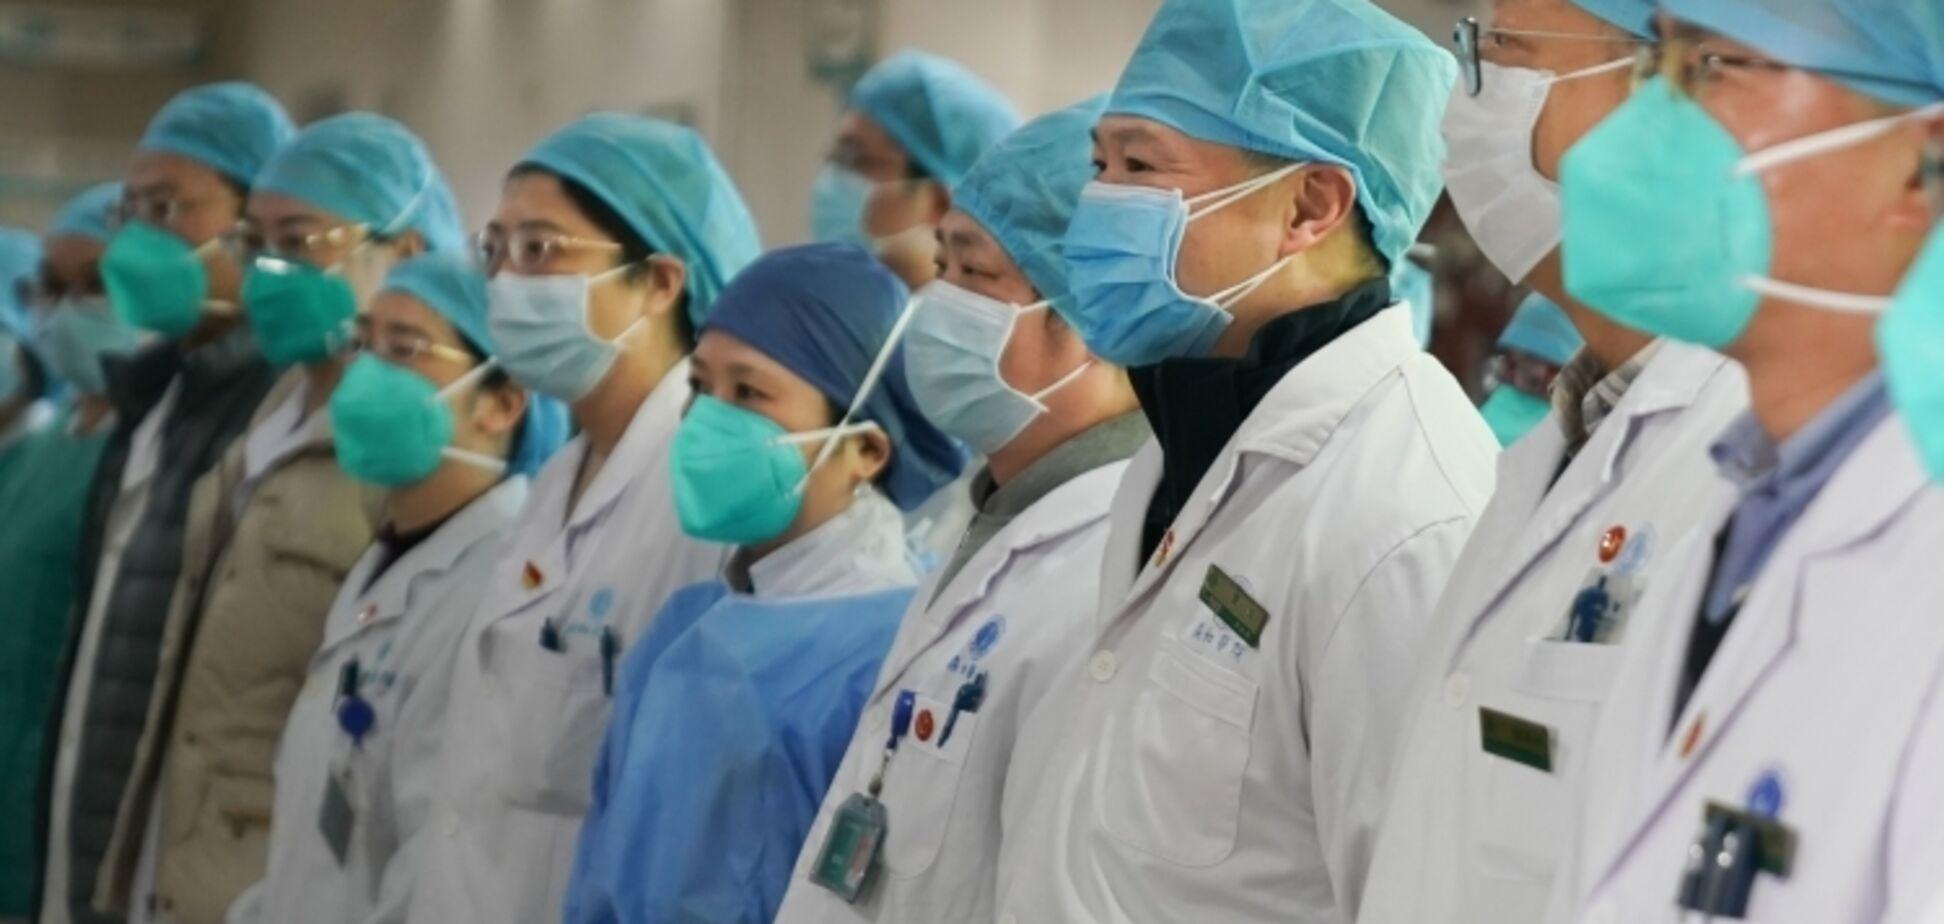 Коронавірус поширюється: ще три країни підтвердили випадки захворювання